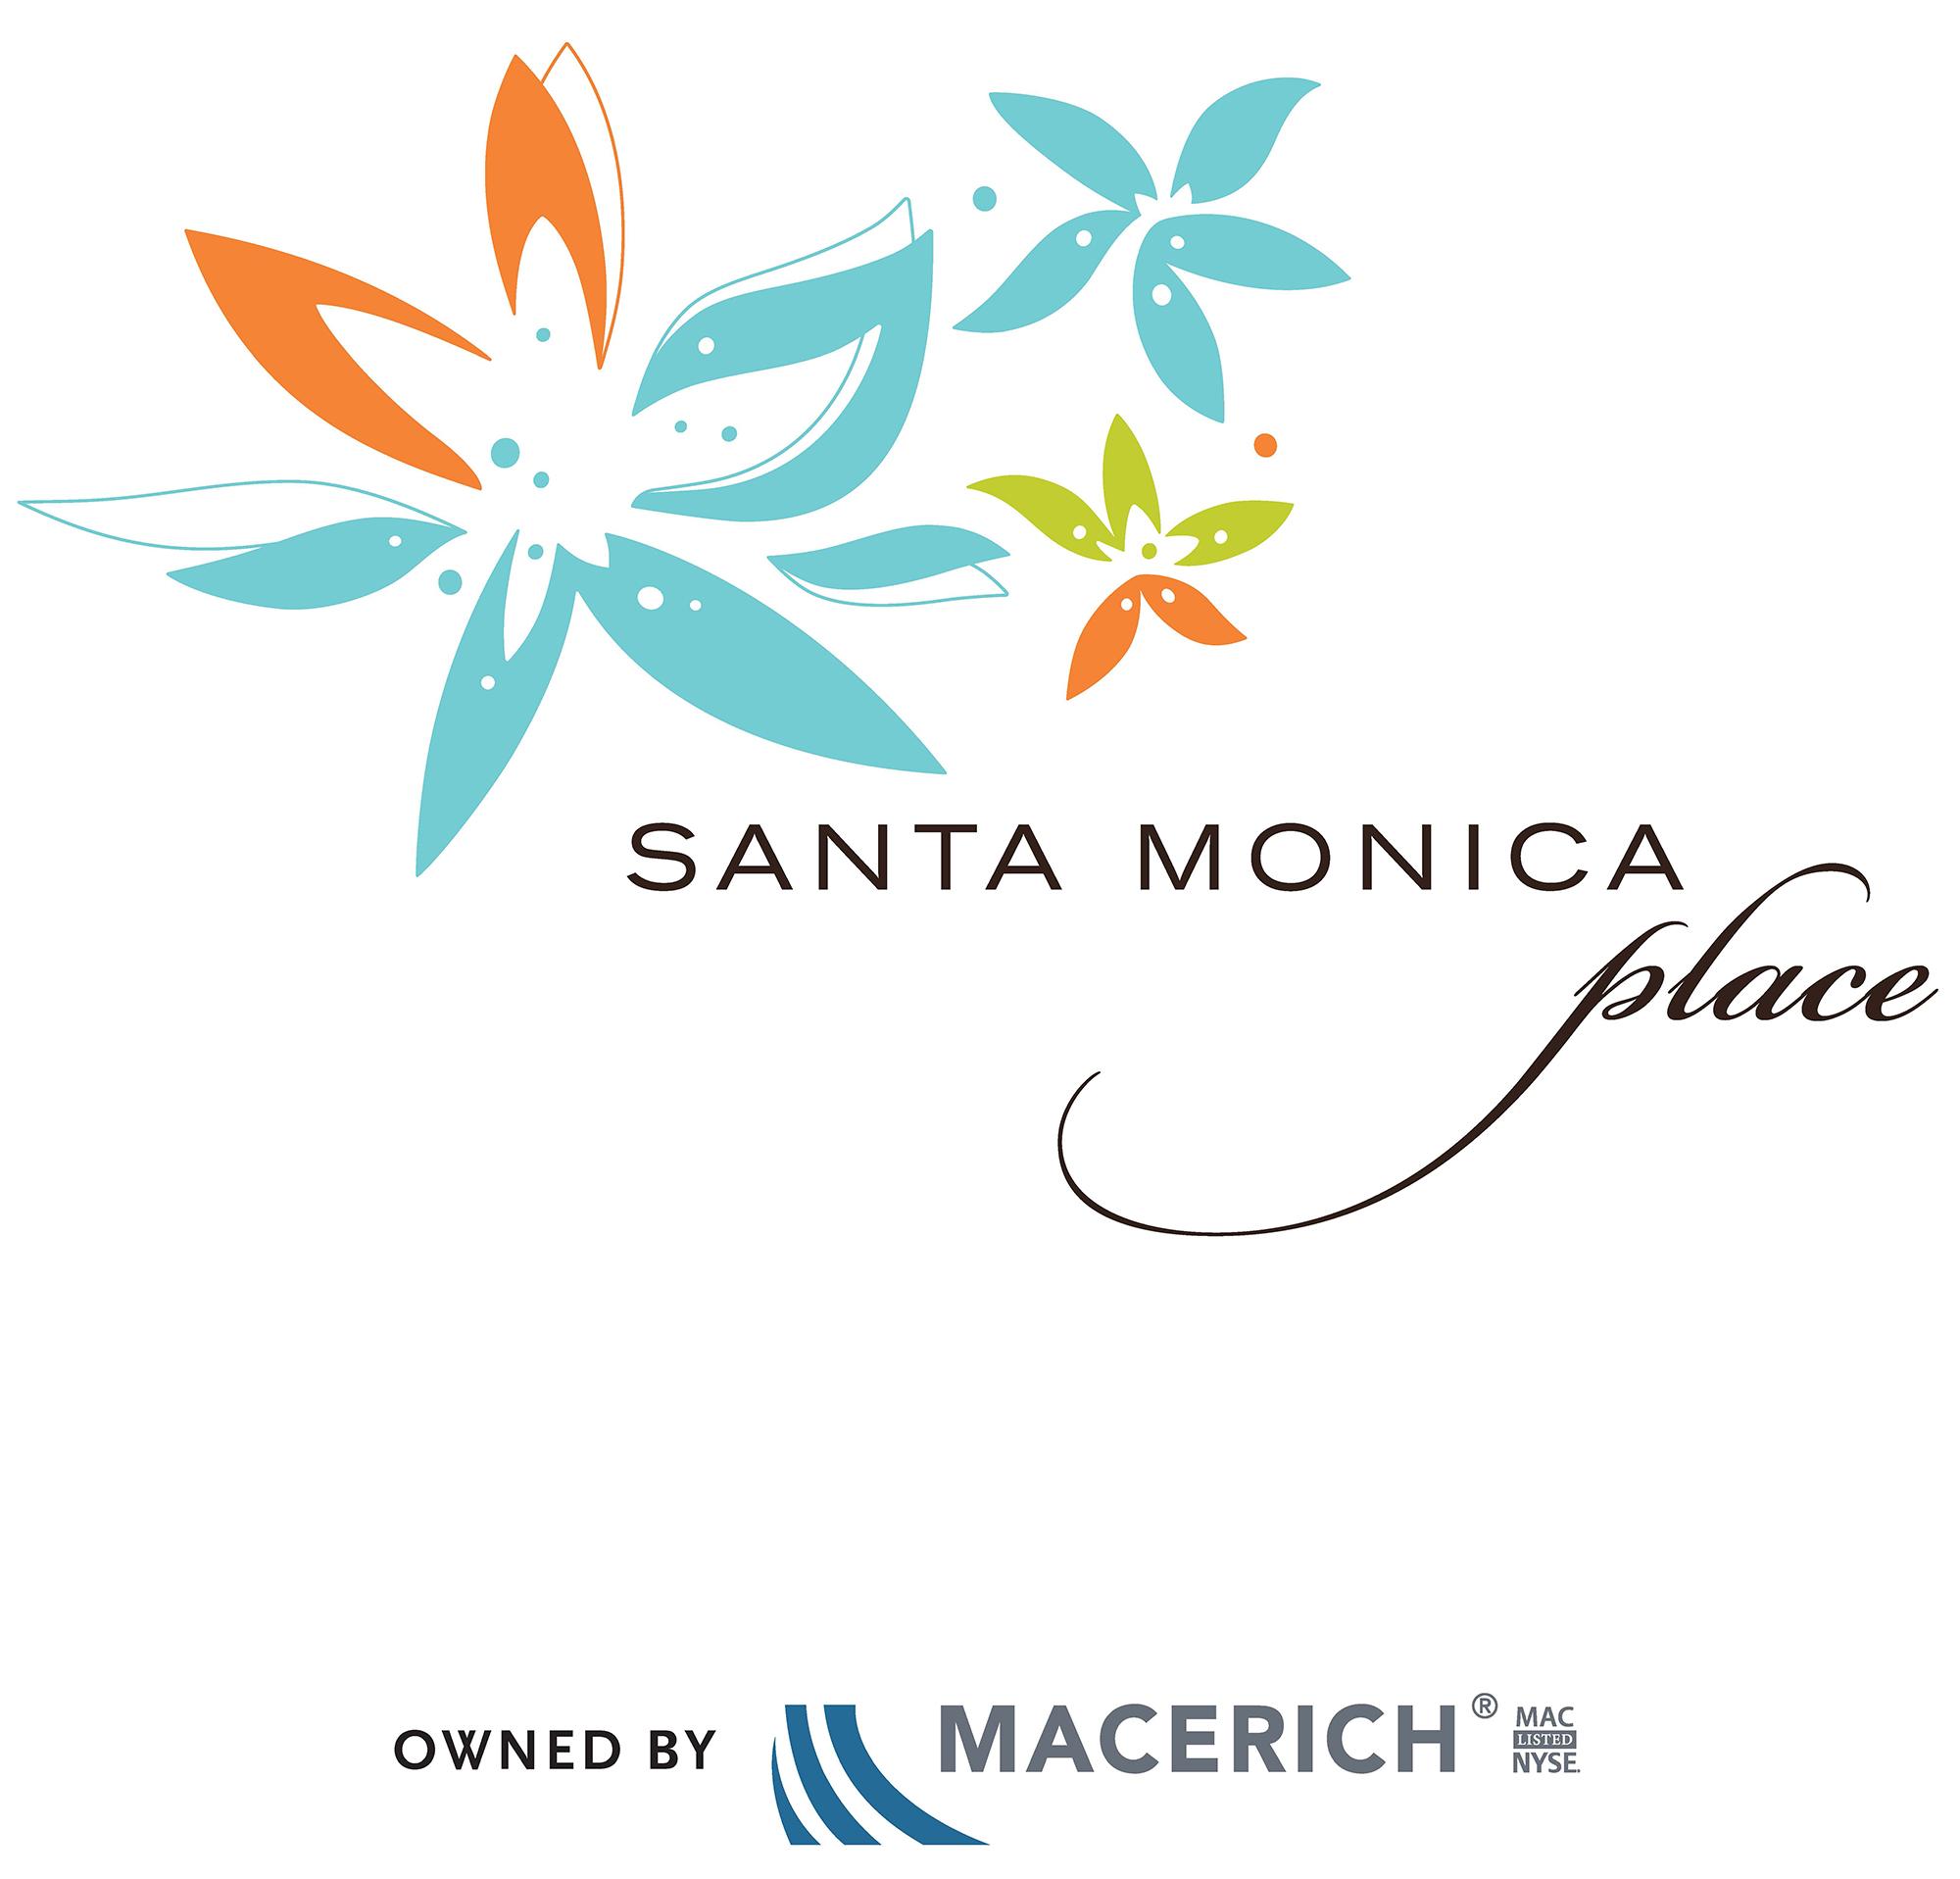 D - Santa Monica Place/Macerich logo